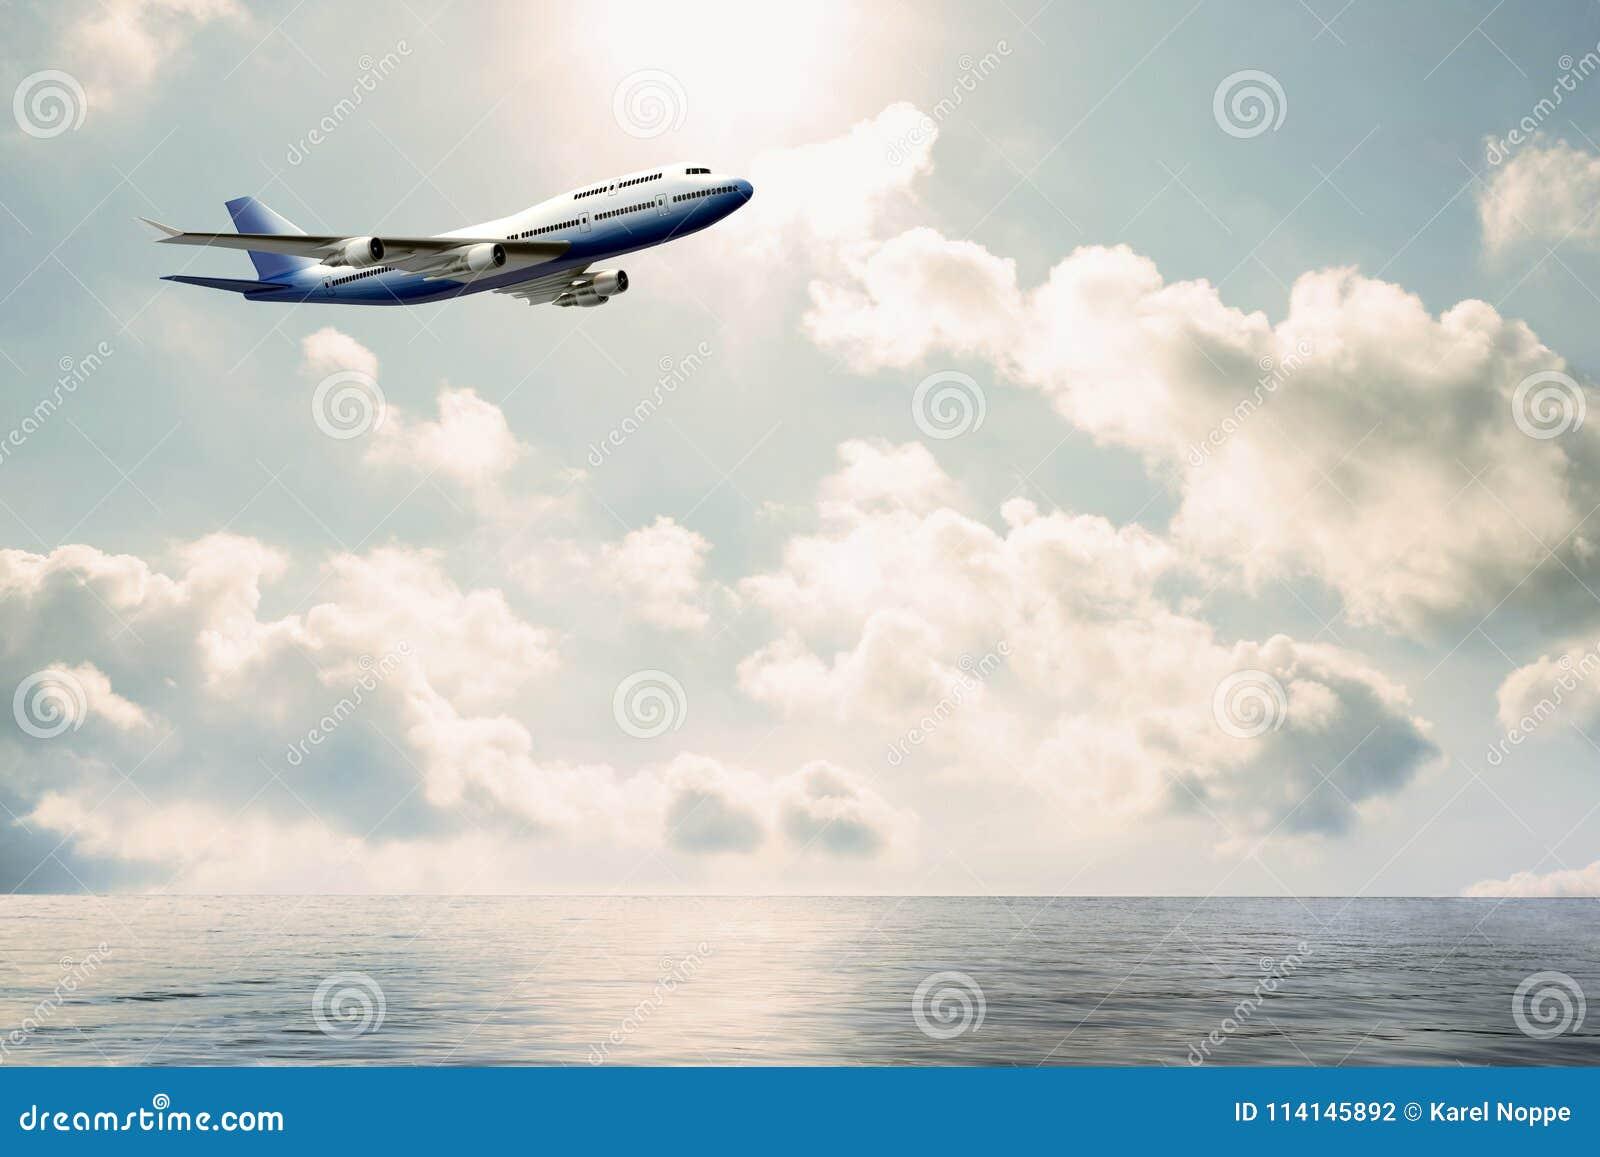 Avion commercial volant au-dessus de l eau